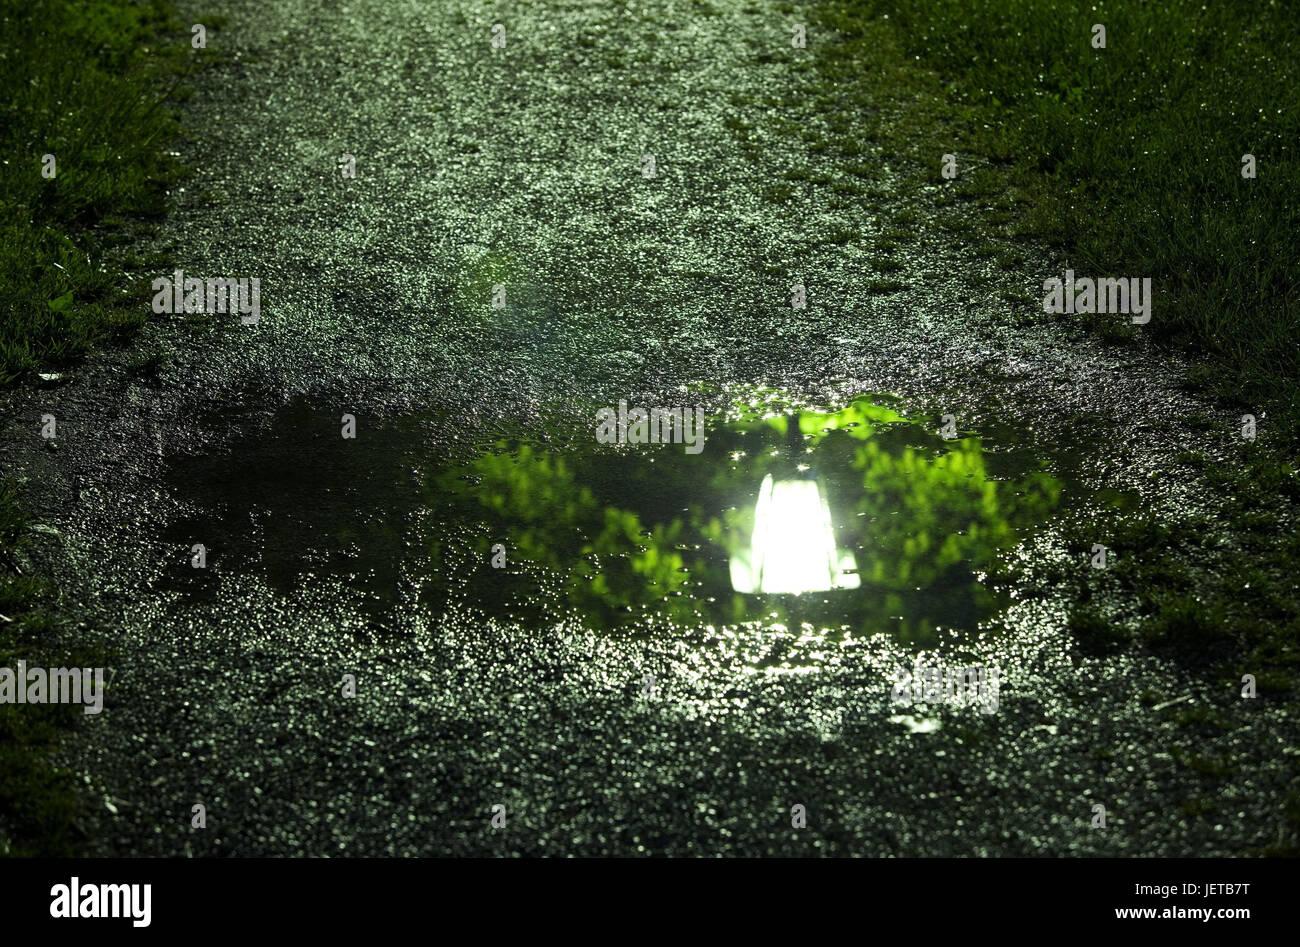 Illuminazione Da Prato : Lontano pozzanghera mirroring lanterna sera park parco